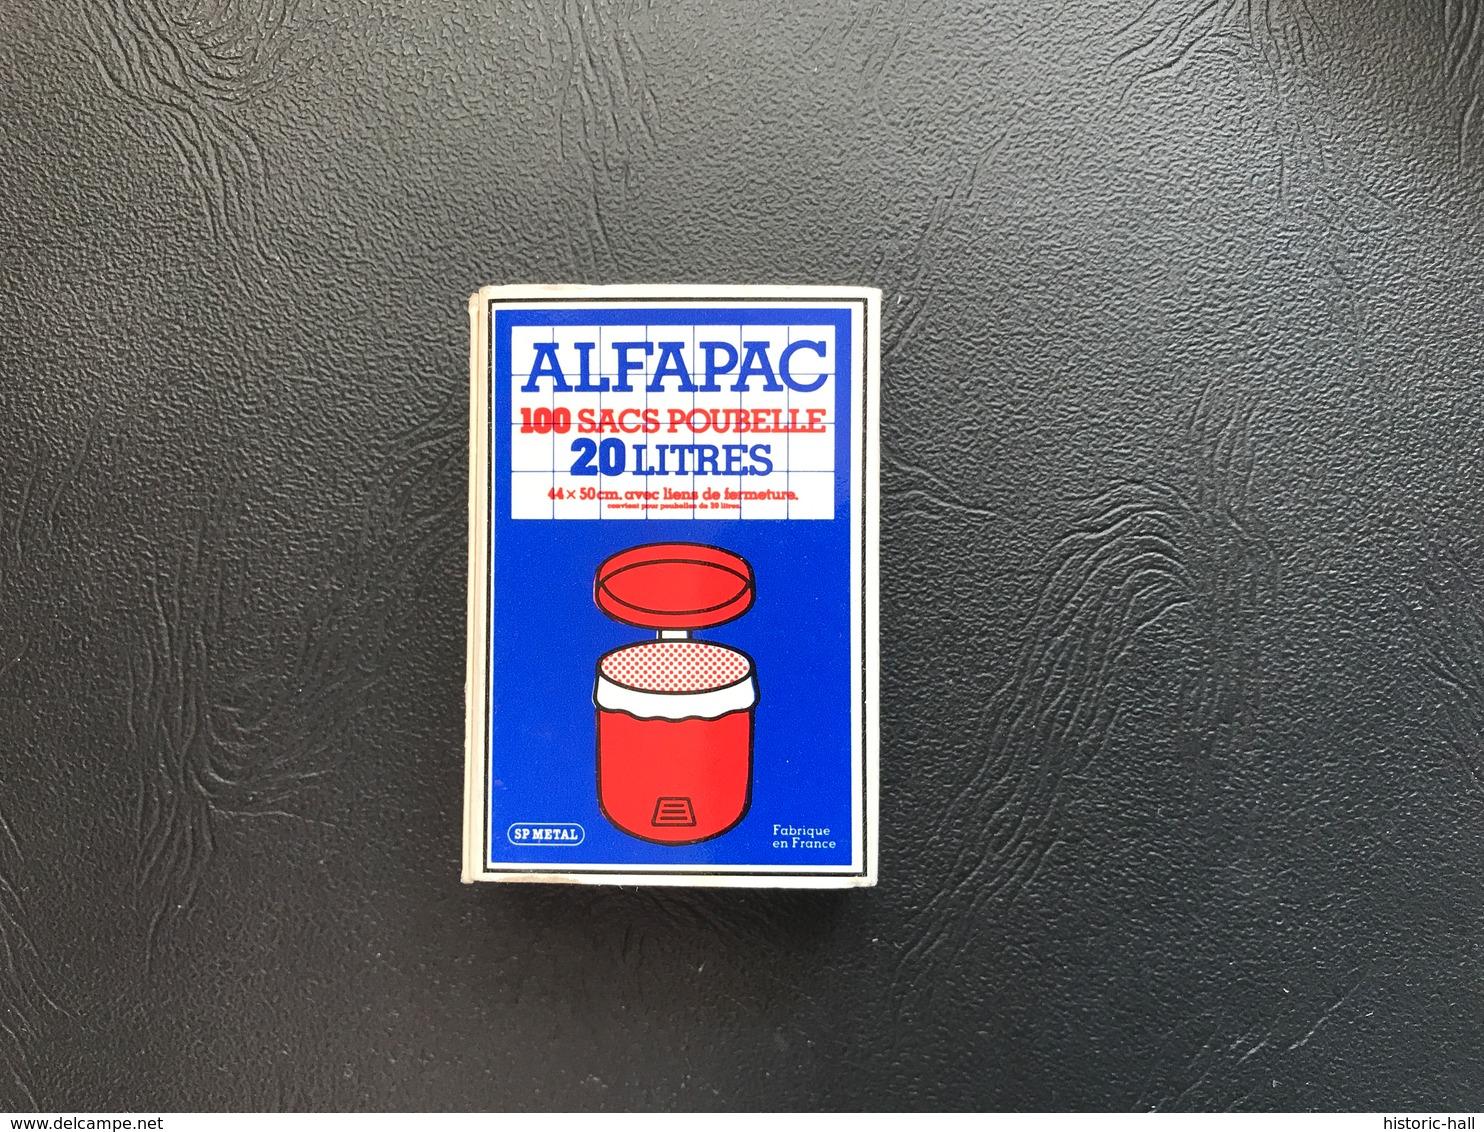 Boite D'allumettes ALFAPAC Sacs Poubelles - Boites D'allumettes - Etiquettes